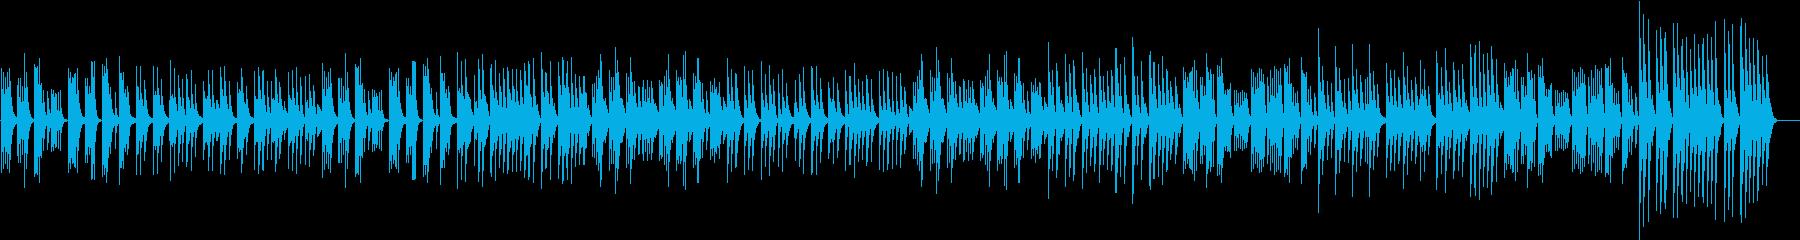 癒やしの空間をイメージしたスローな曲の再生済みの波形